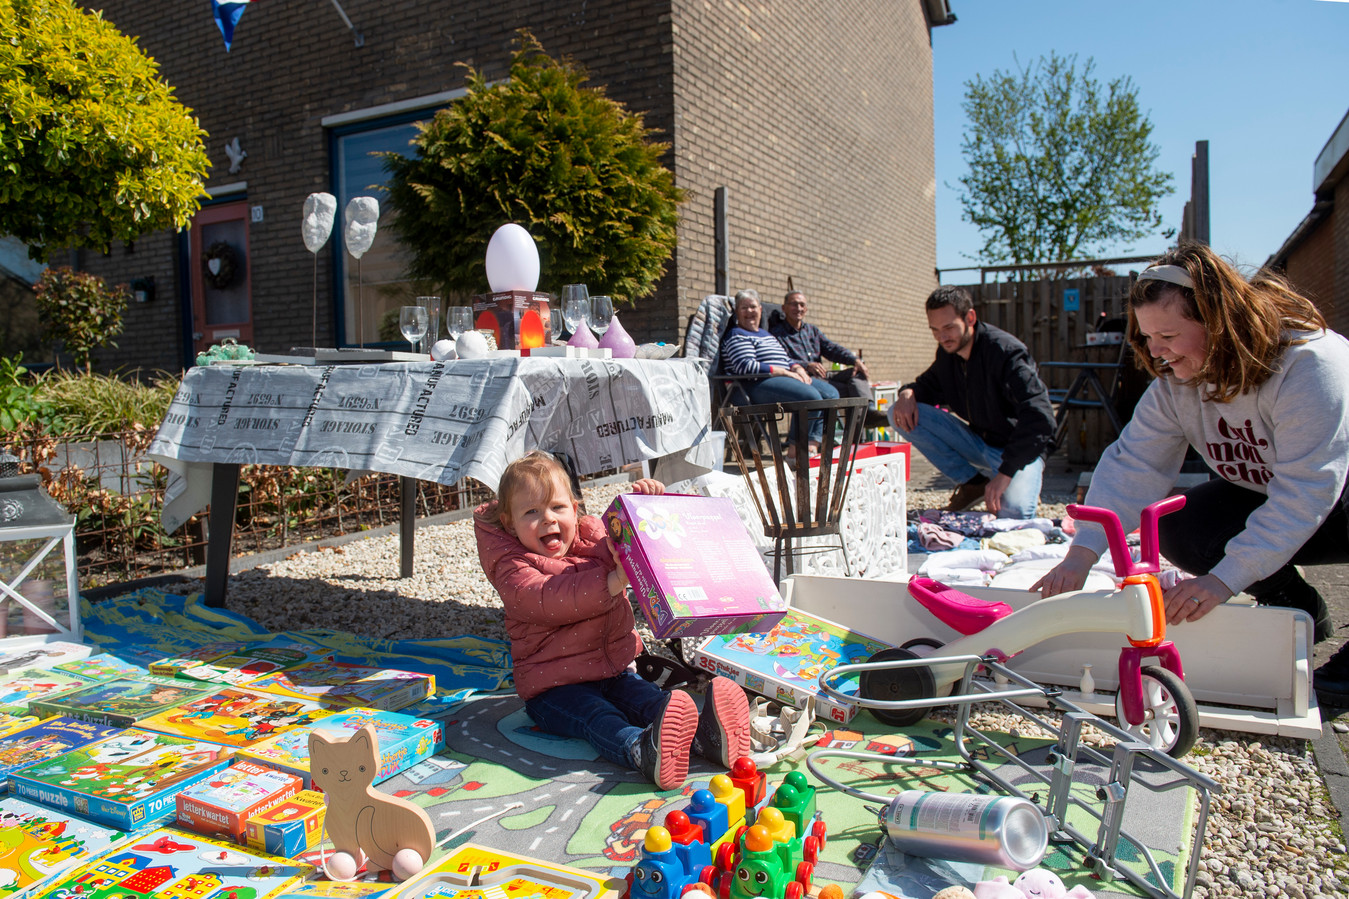 Het gezin Alberts maakt een echt familiefeest van de kleedjesmarkt. Behalve Jeffrey, Raluca en hun dochter, Emma, genieten ook opa en oma mee.